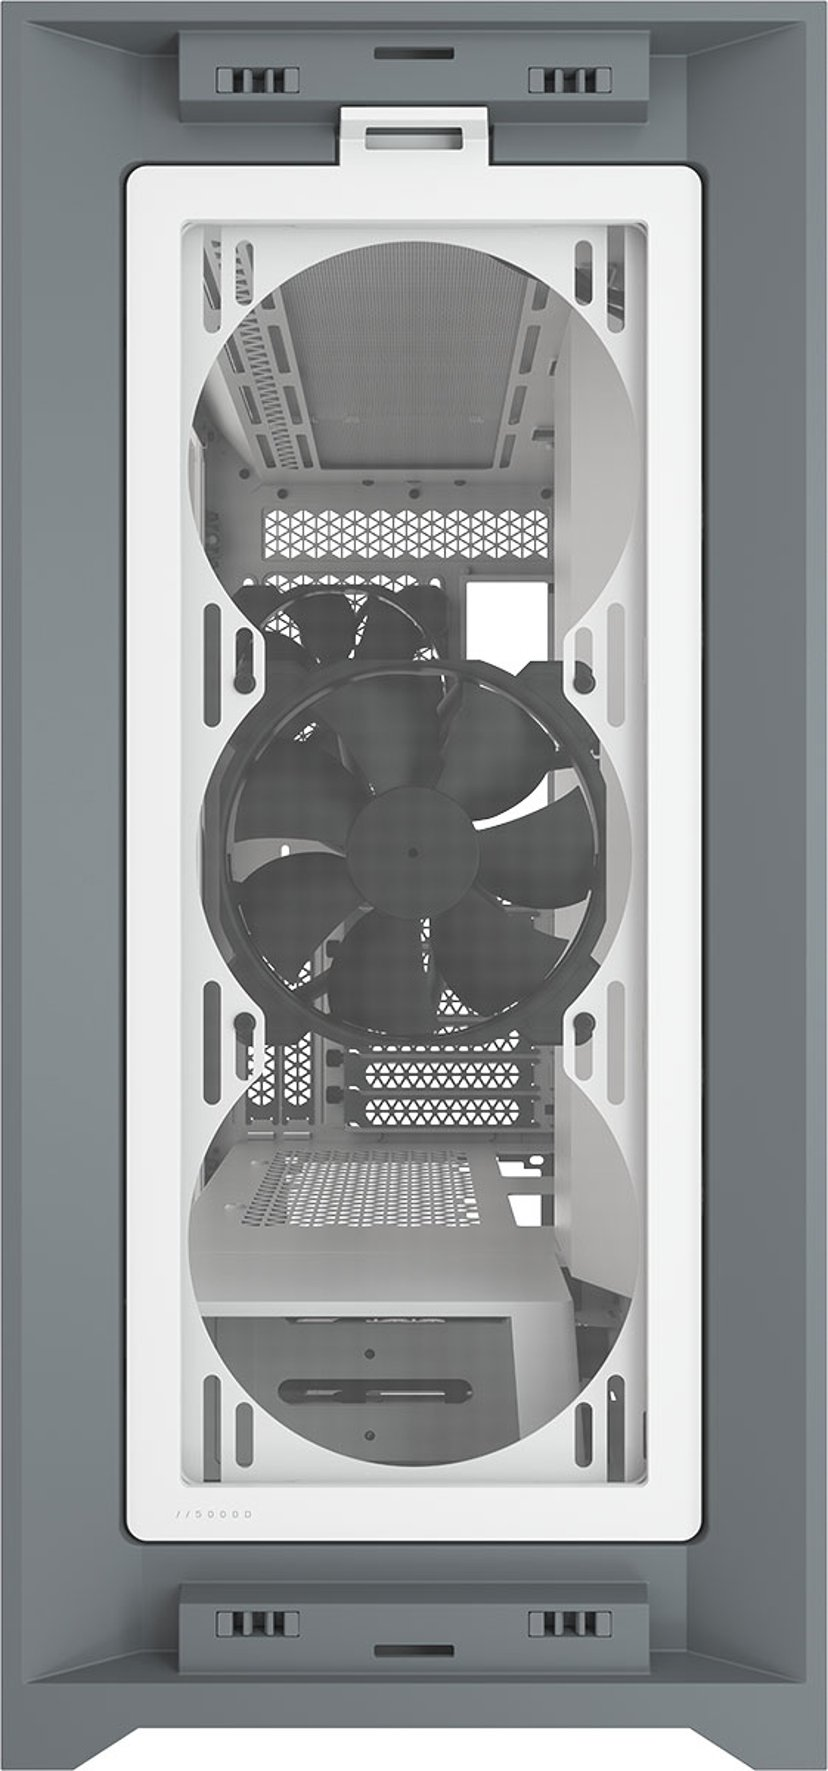 Corsair 5000D Vit